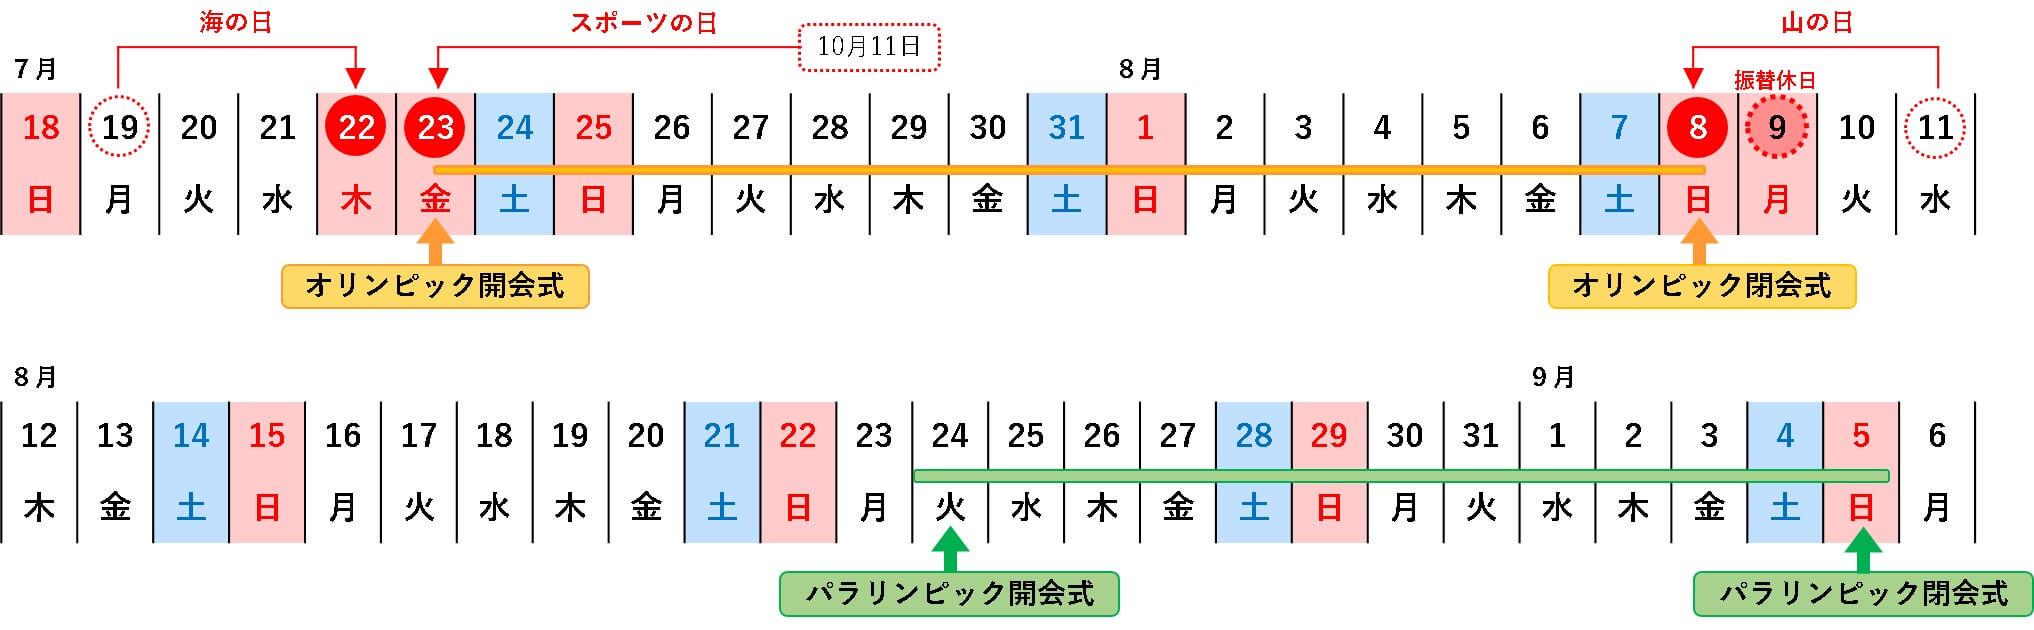 2021年祝日カレンダー変更